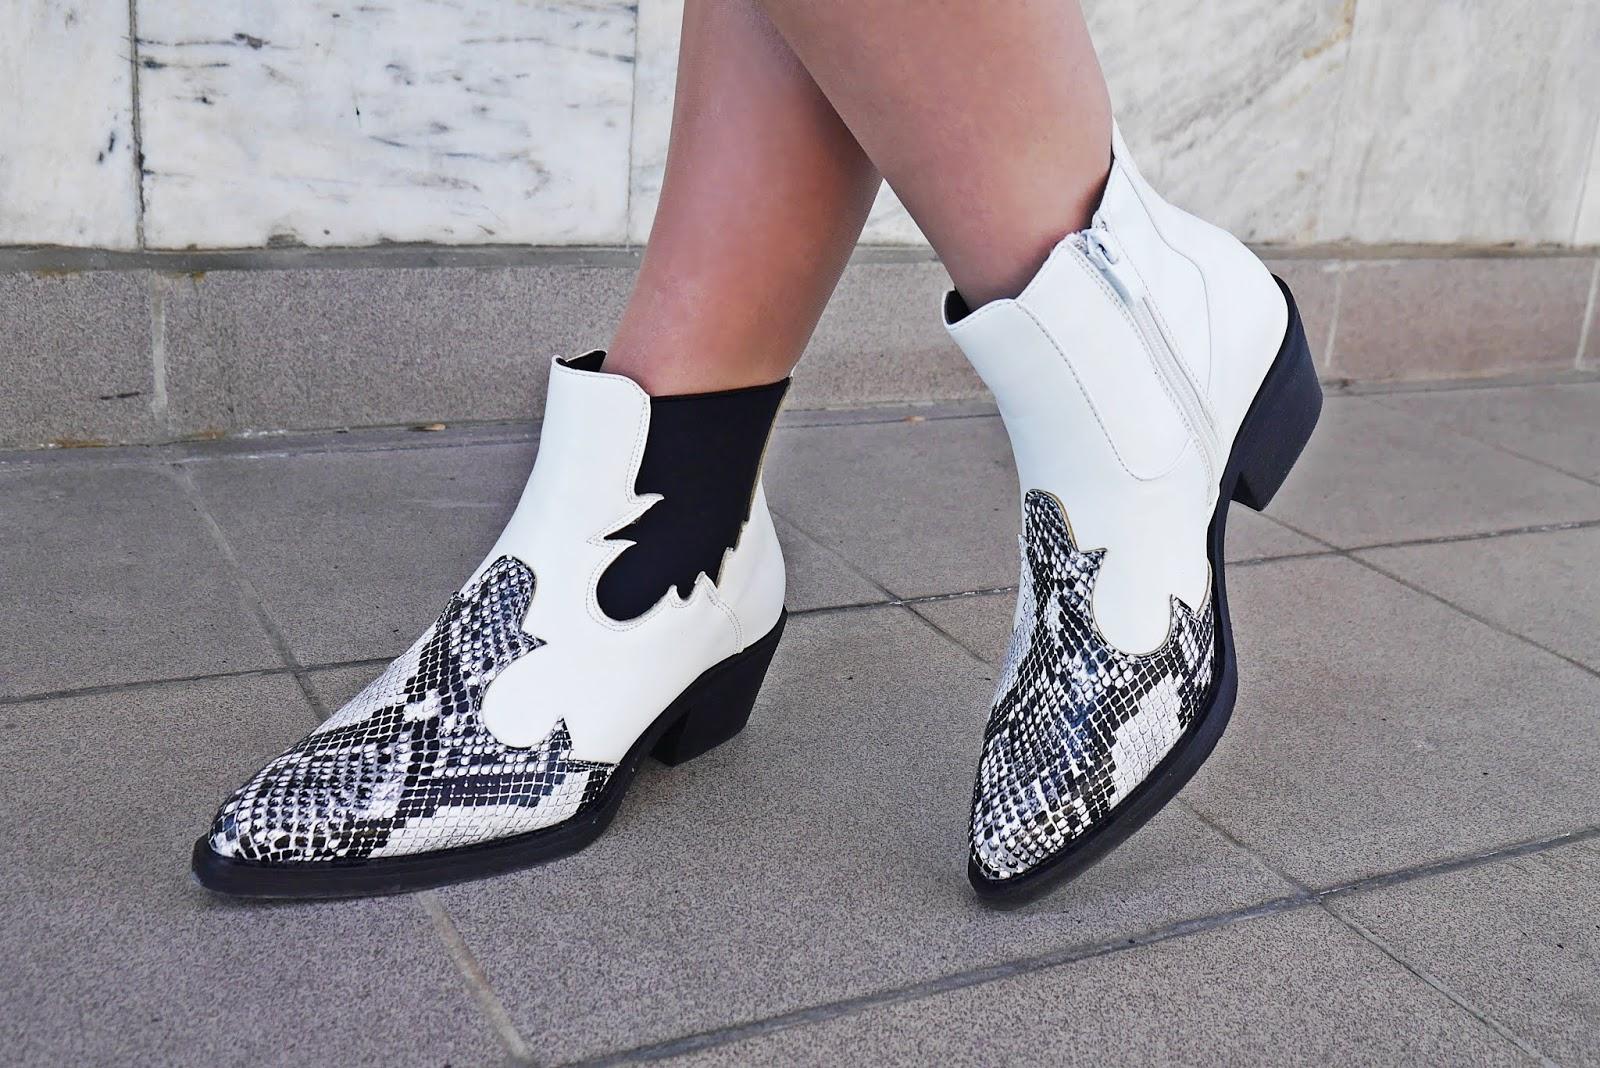 kowbojki renee botki białe w wężowy wzór furthermore karyn blog modowy